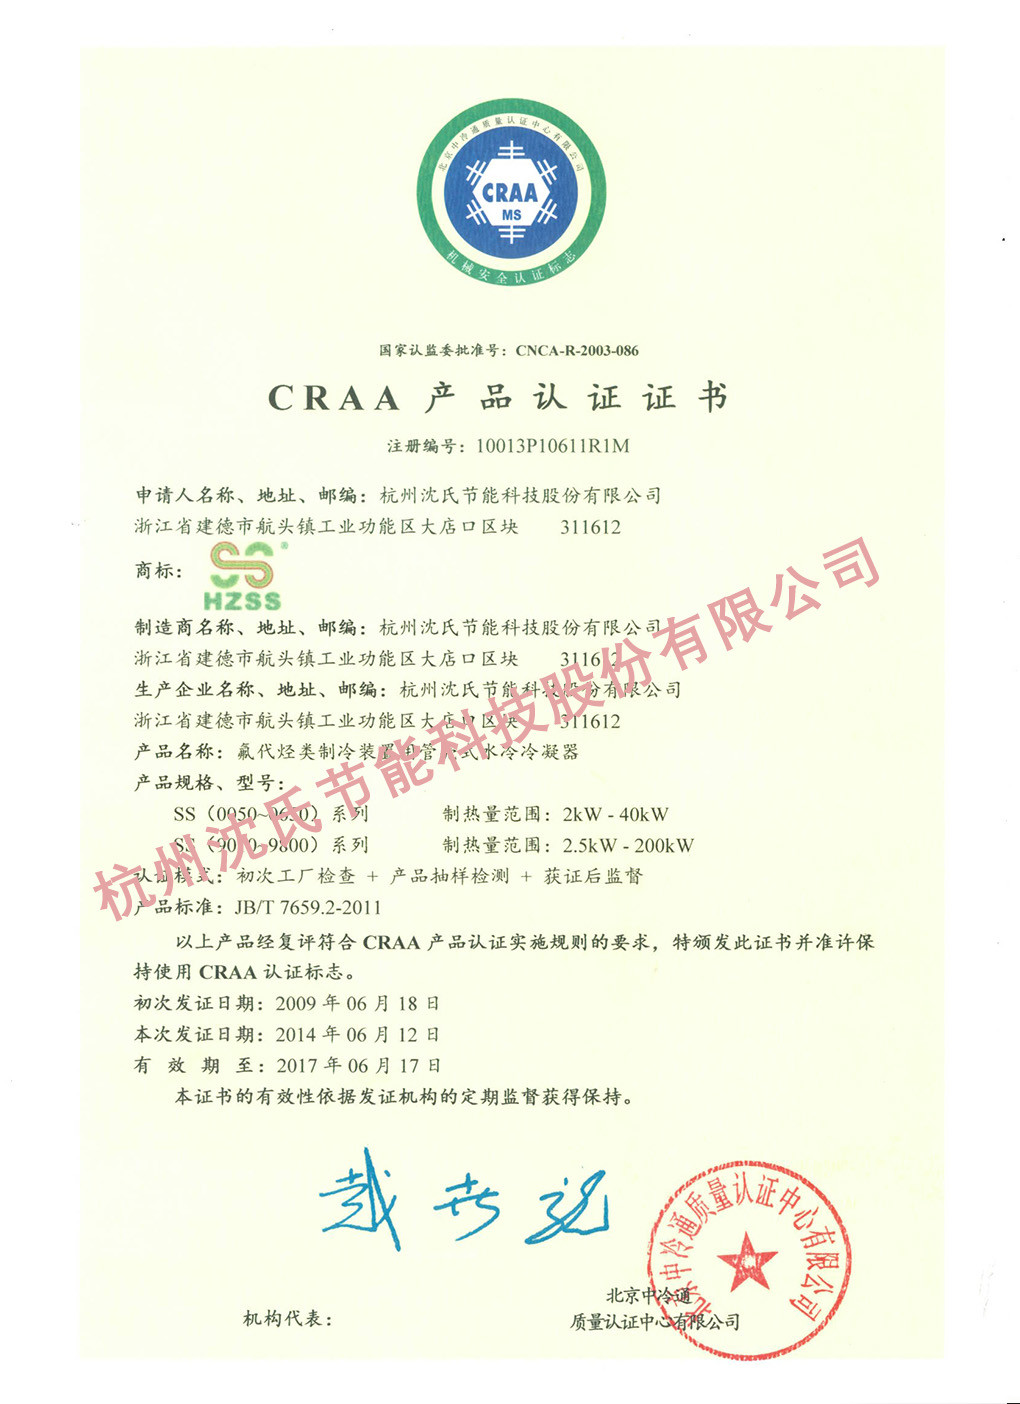 中国制冷协会认证证书